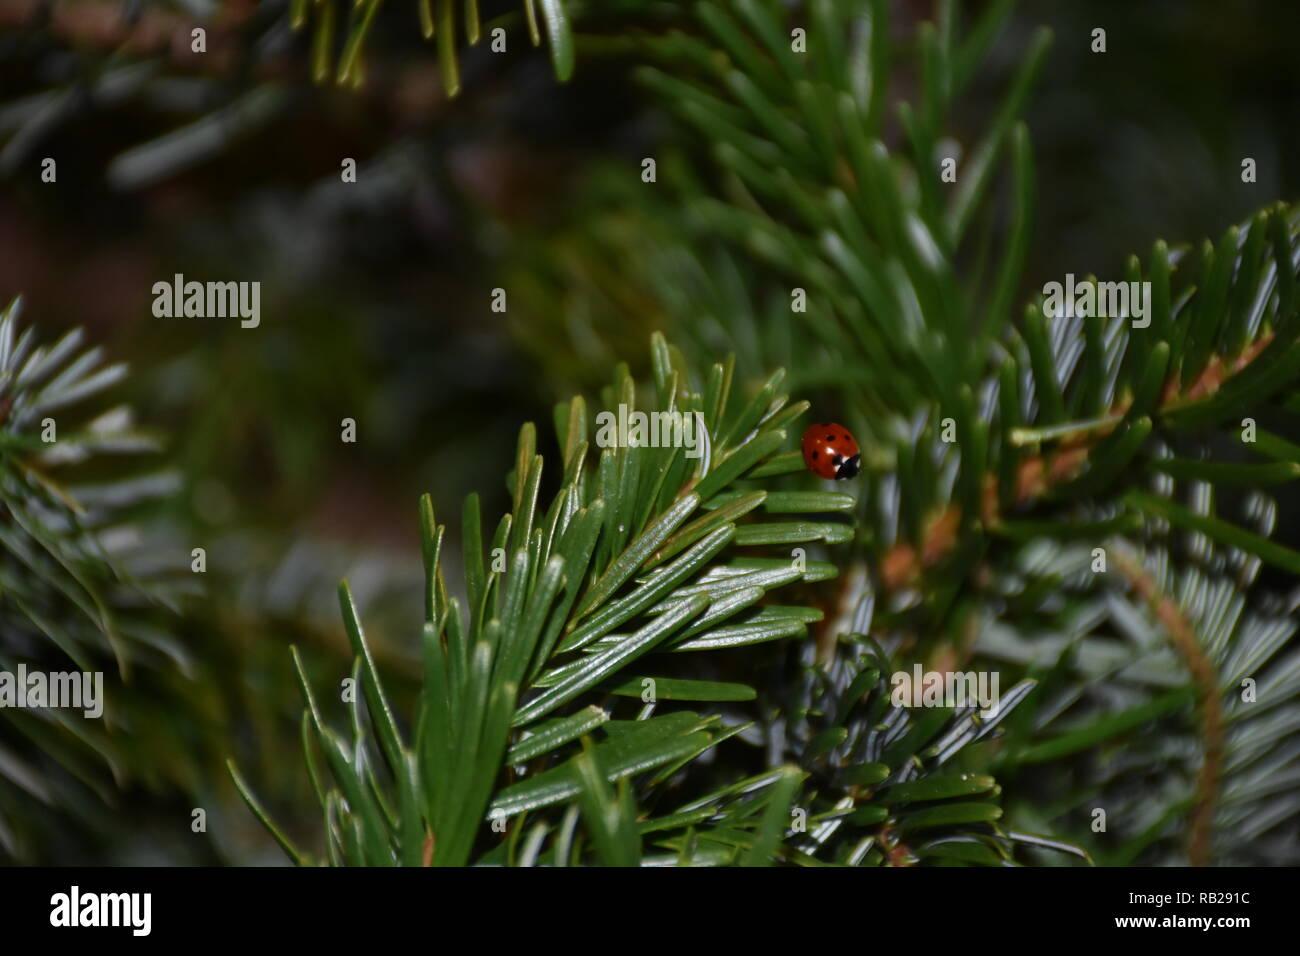 Weihnachten, Christbaum, Tanne, Ast, Nadeln, Marienkäfer, Käfer, krabbeln, fliegen, Orientierung, überwintern, warm, Wärme, Feiertag, Baum, Nadelbaum - Stock Image